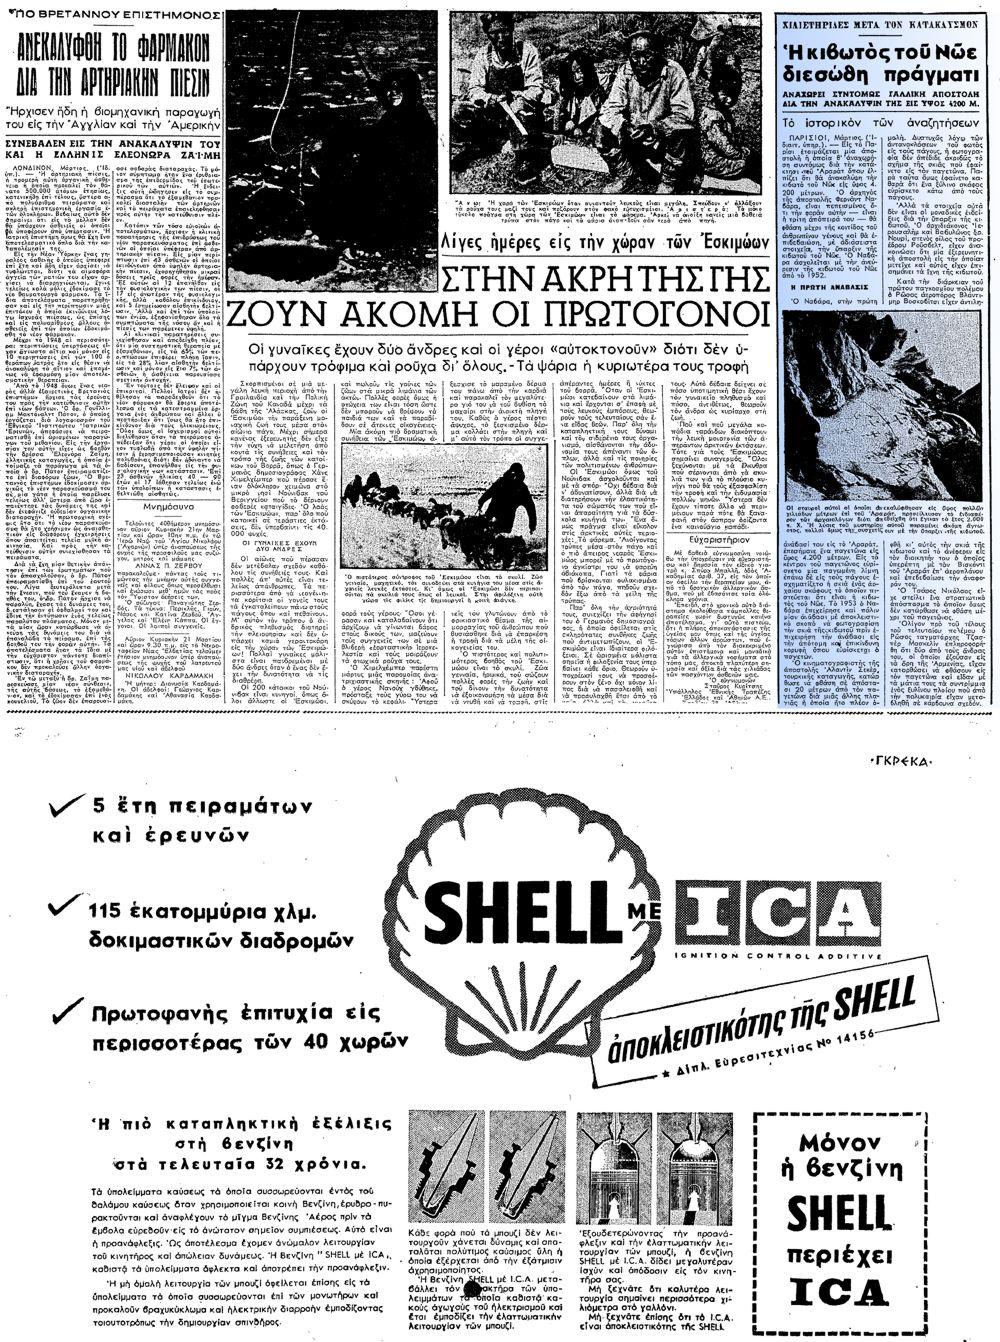 """Το άρθρο, όπως δημοσιεύθηκε στην εφημερίδα """"ΕΜΠΡΟΣ"""", στις 20/03/1954"""